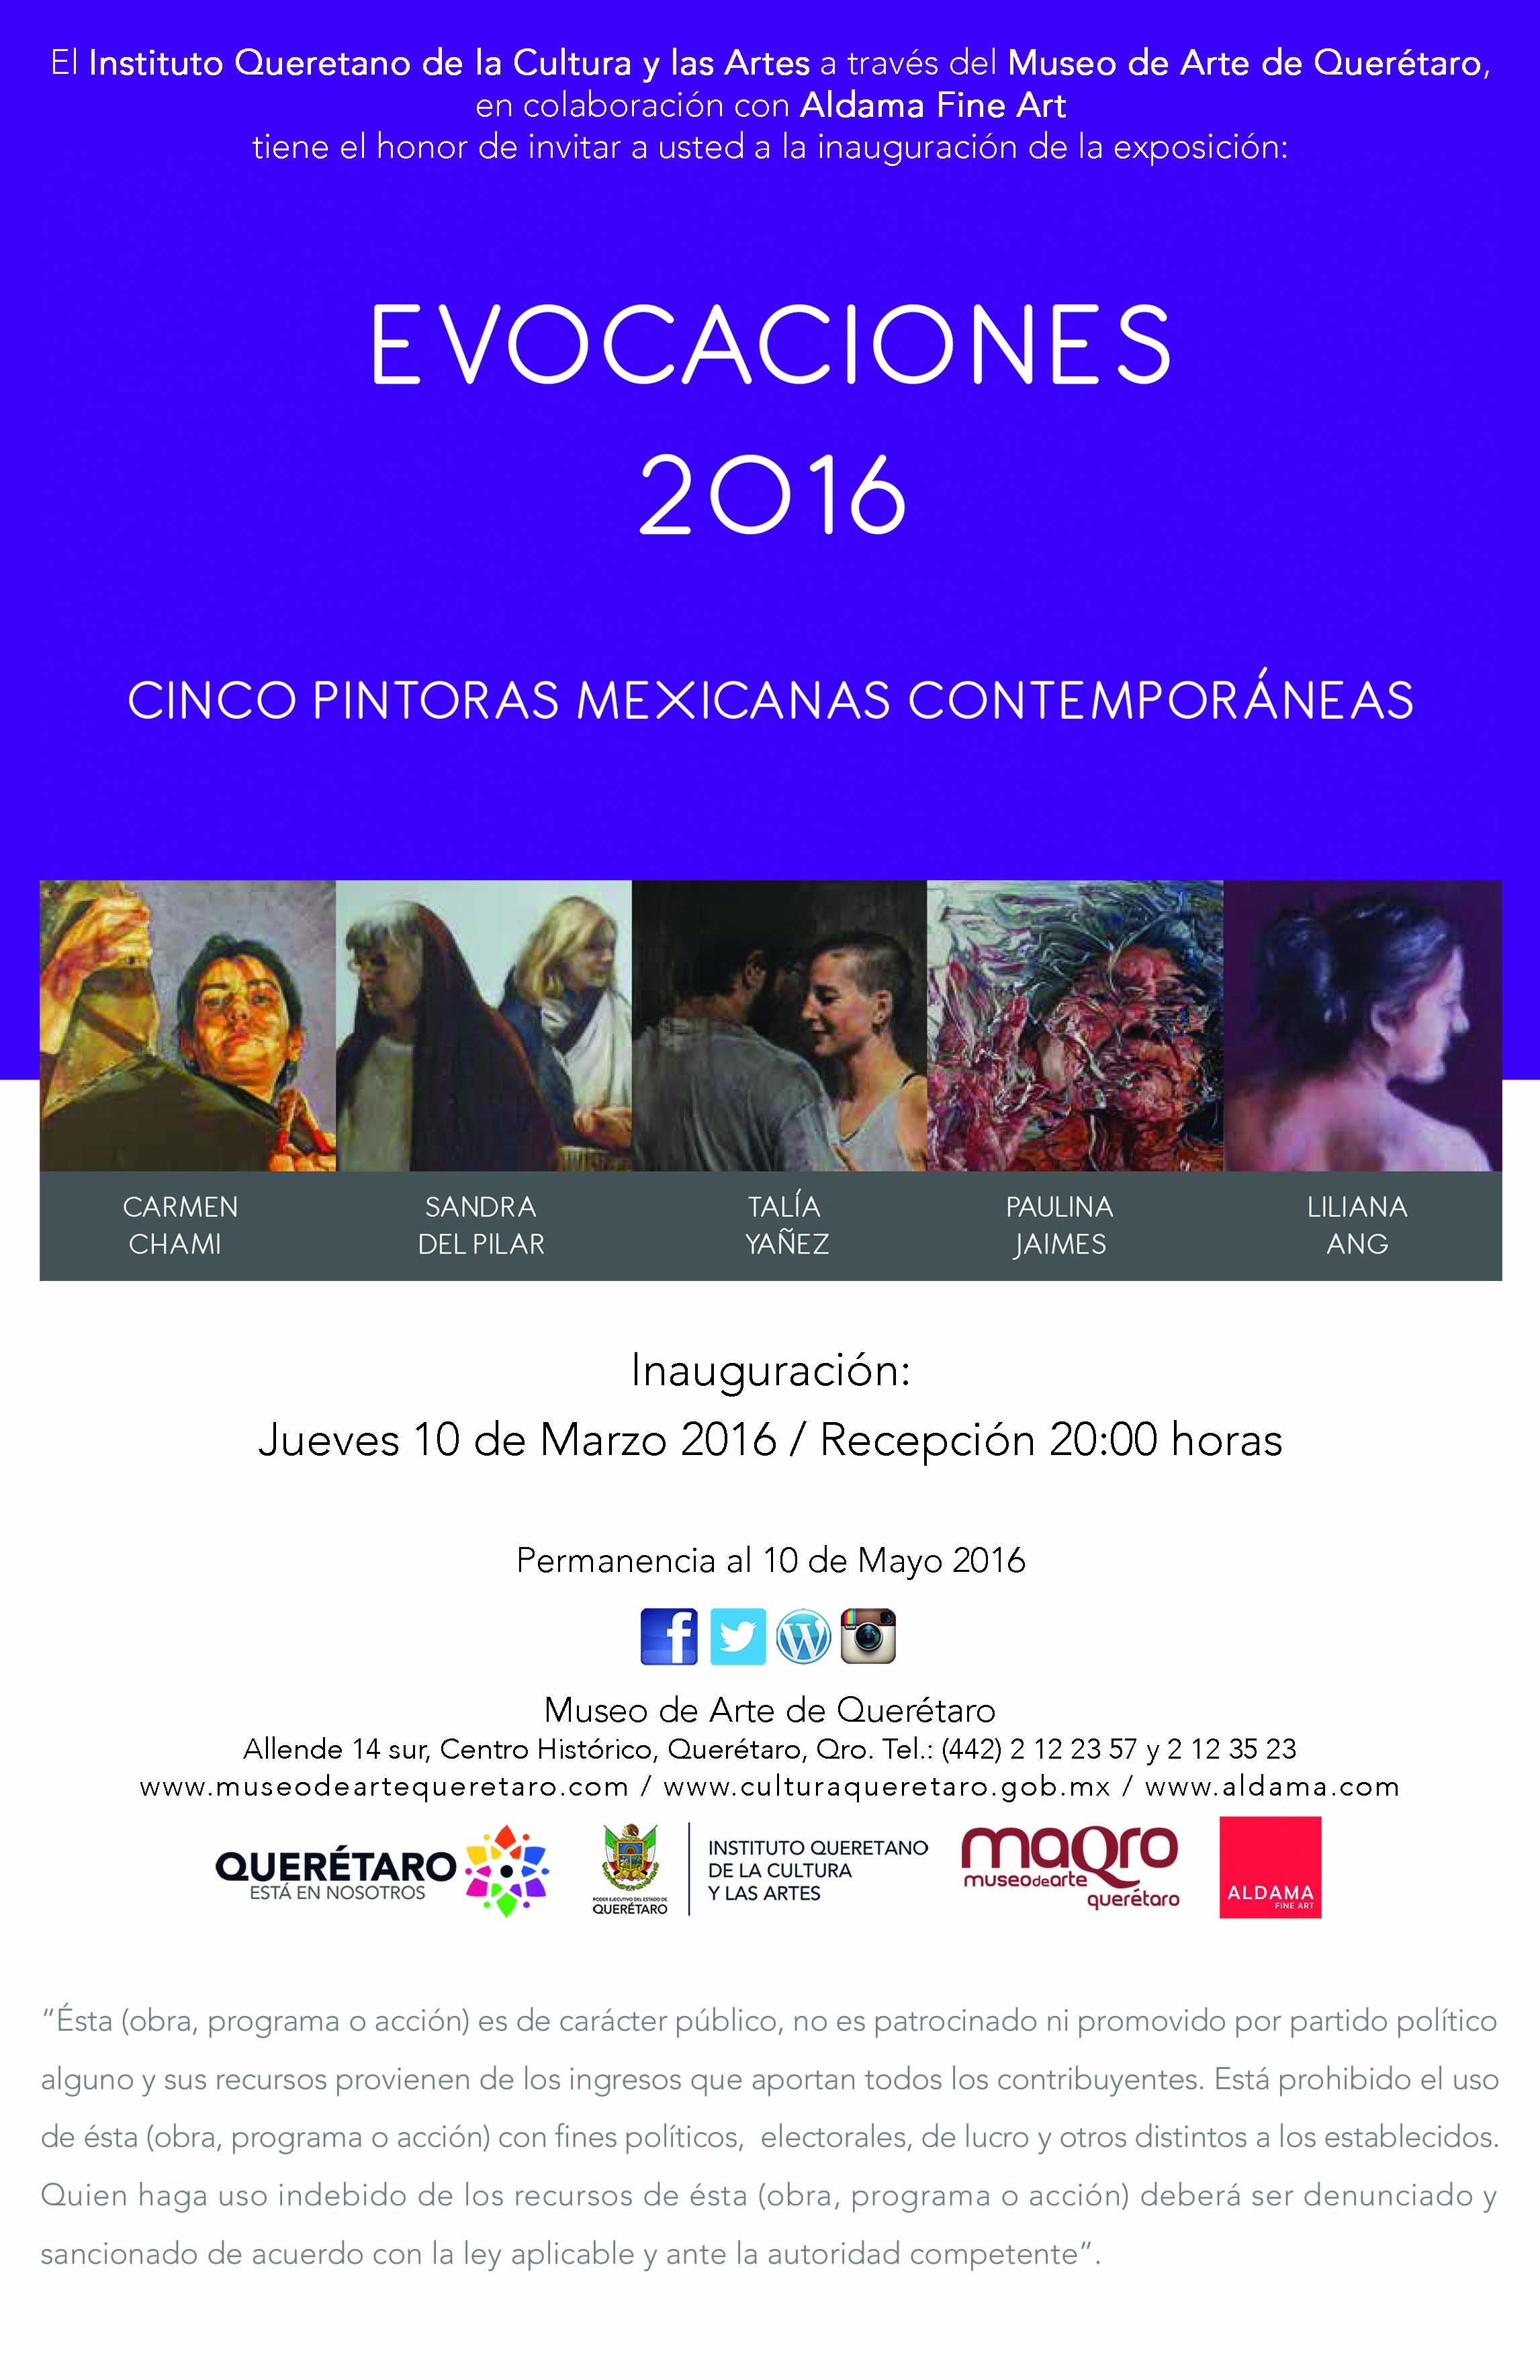 """""""EVOCACIONES 2016"""" – Cinco Pintoras Mexicanas Contemporáneas en el Museo de Arte de Querétaro"""